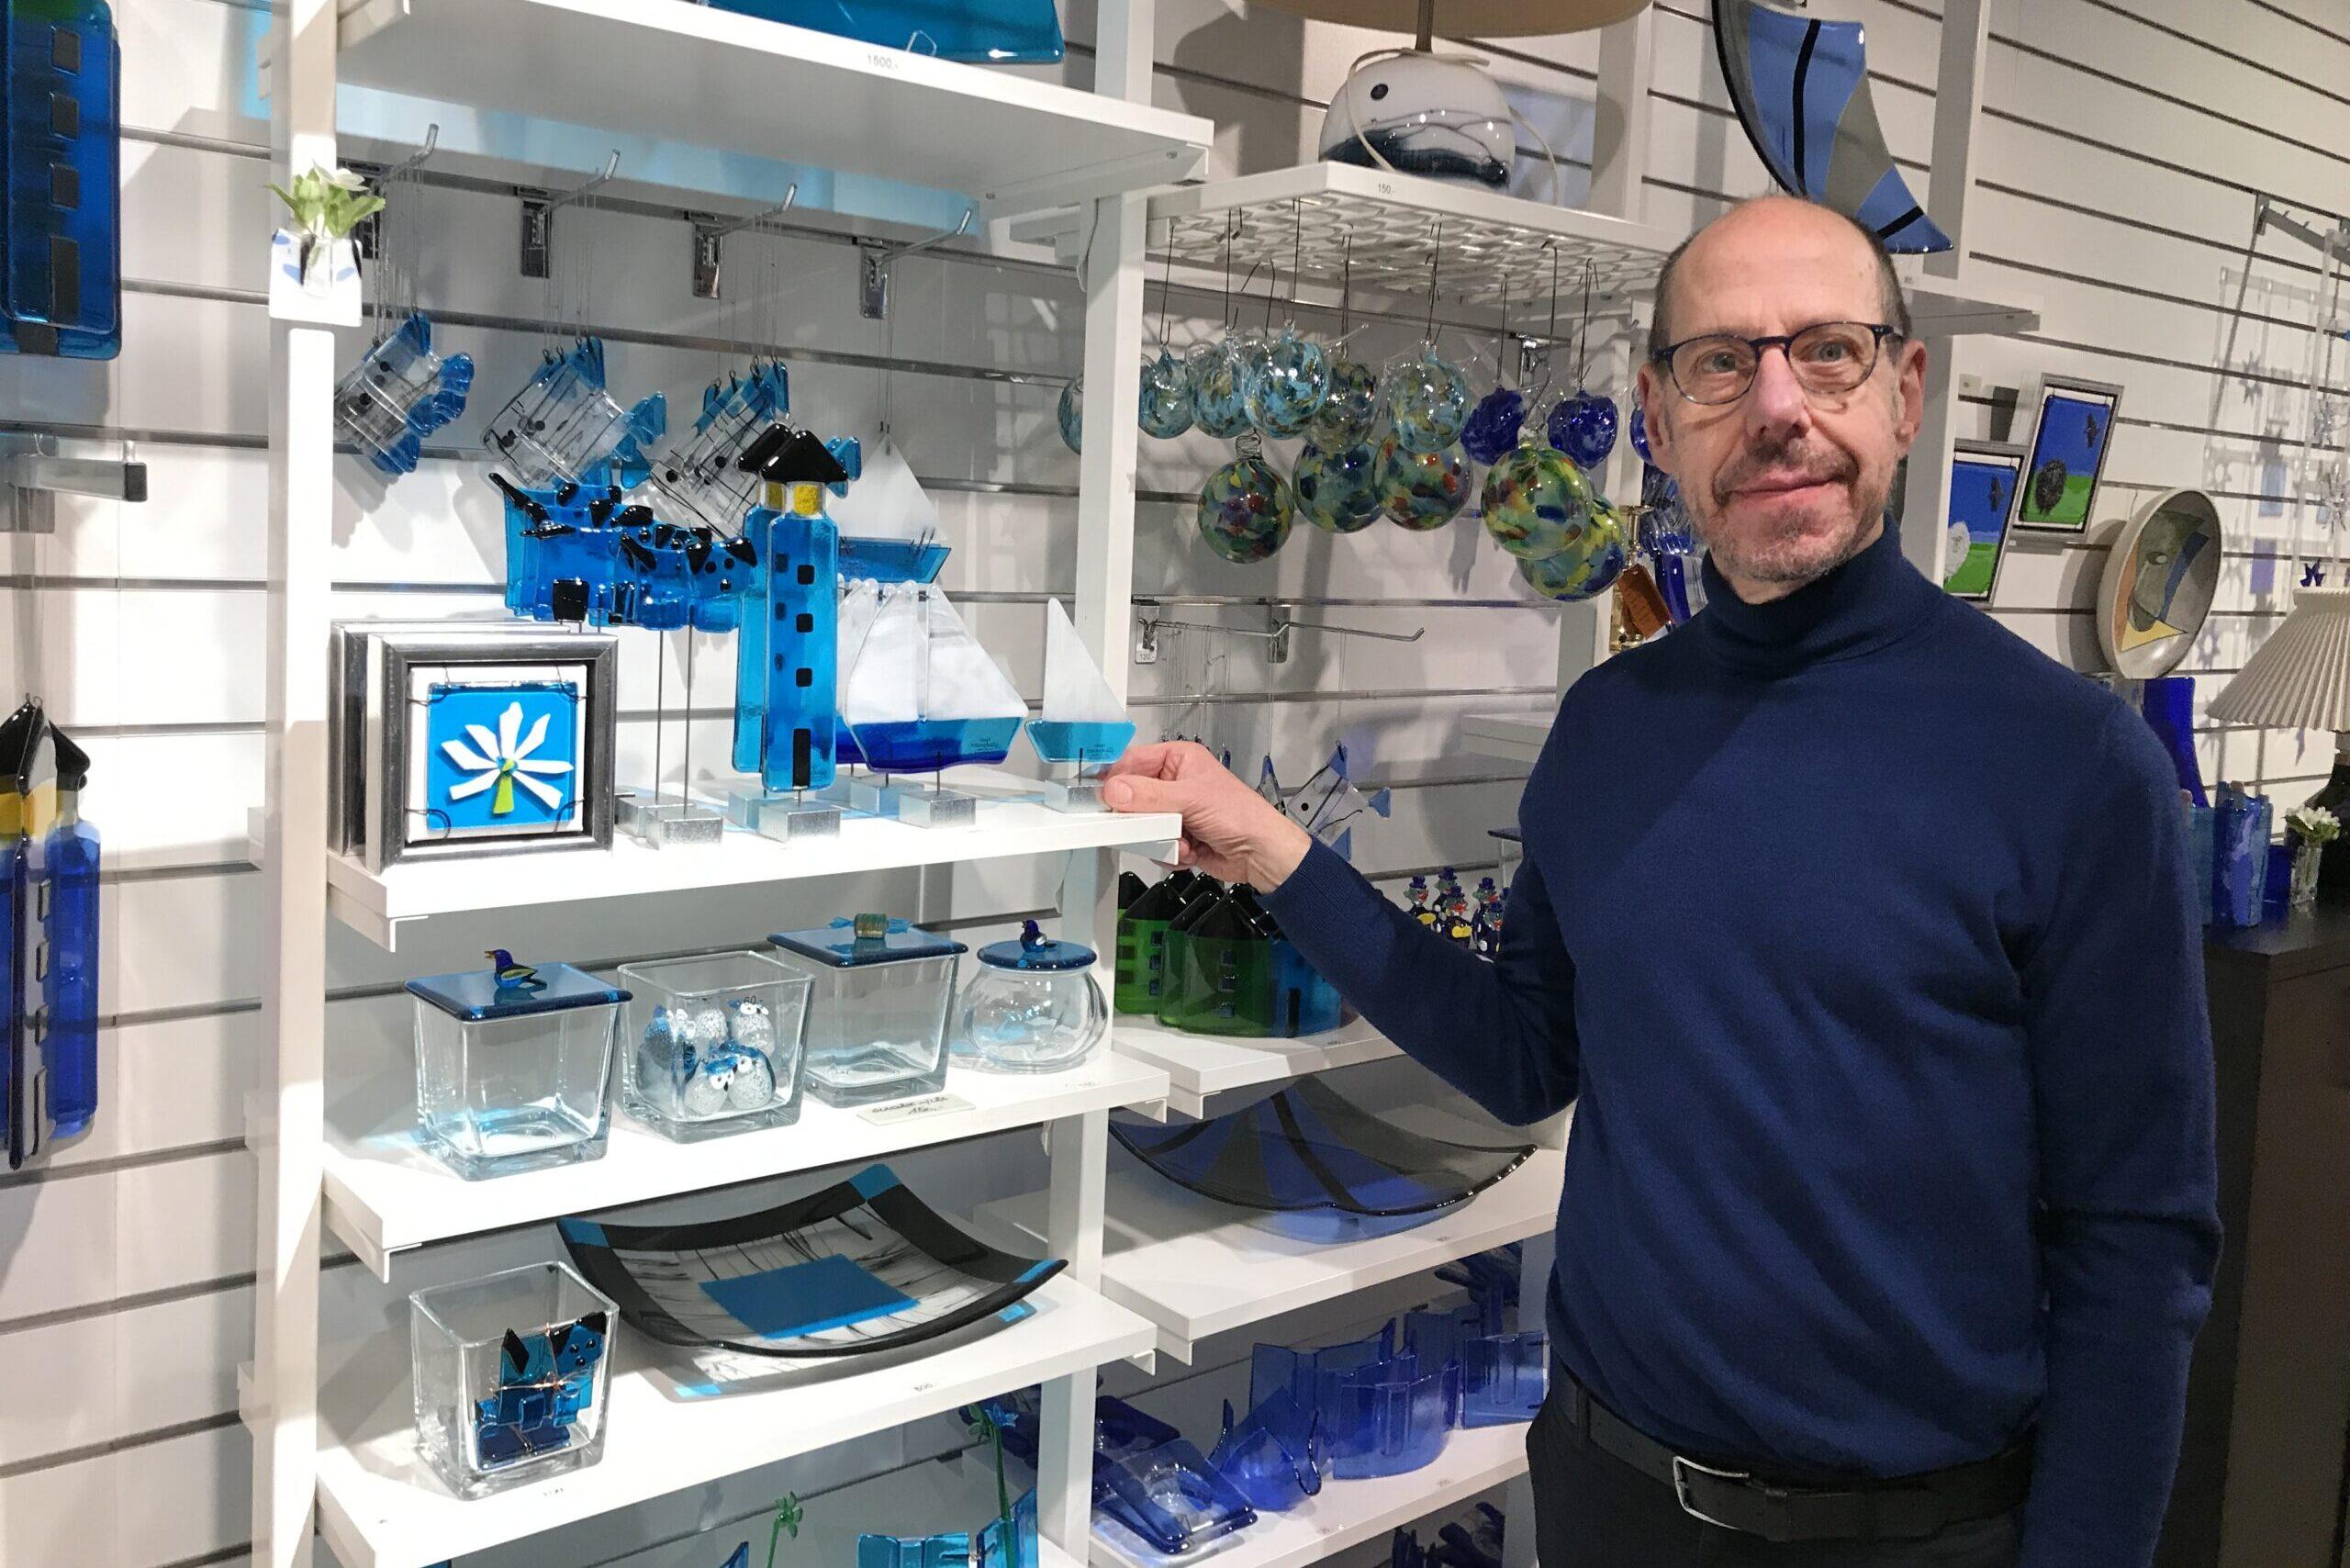 Glaskunsten åbner: – Ny adresse og ny indehaver